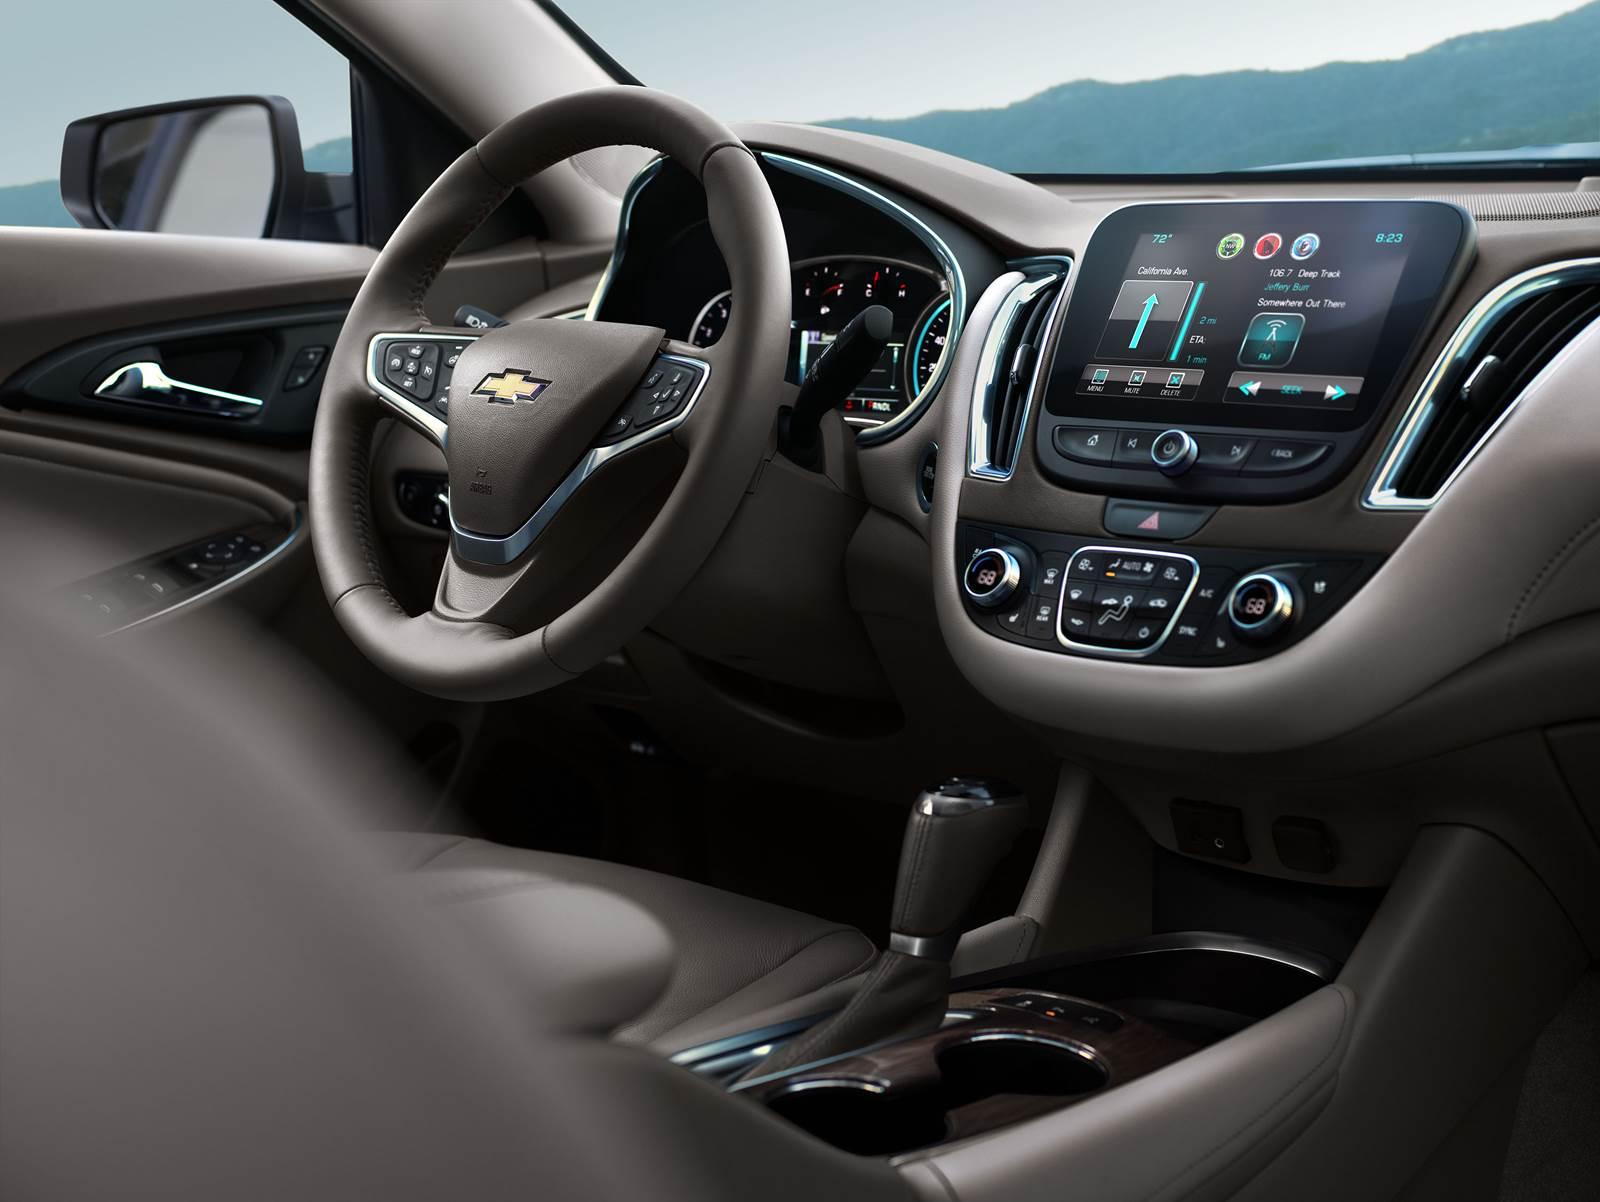 Novo Chevrolet Malibu 2016